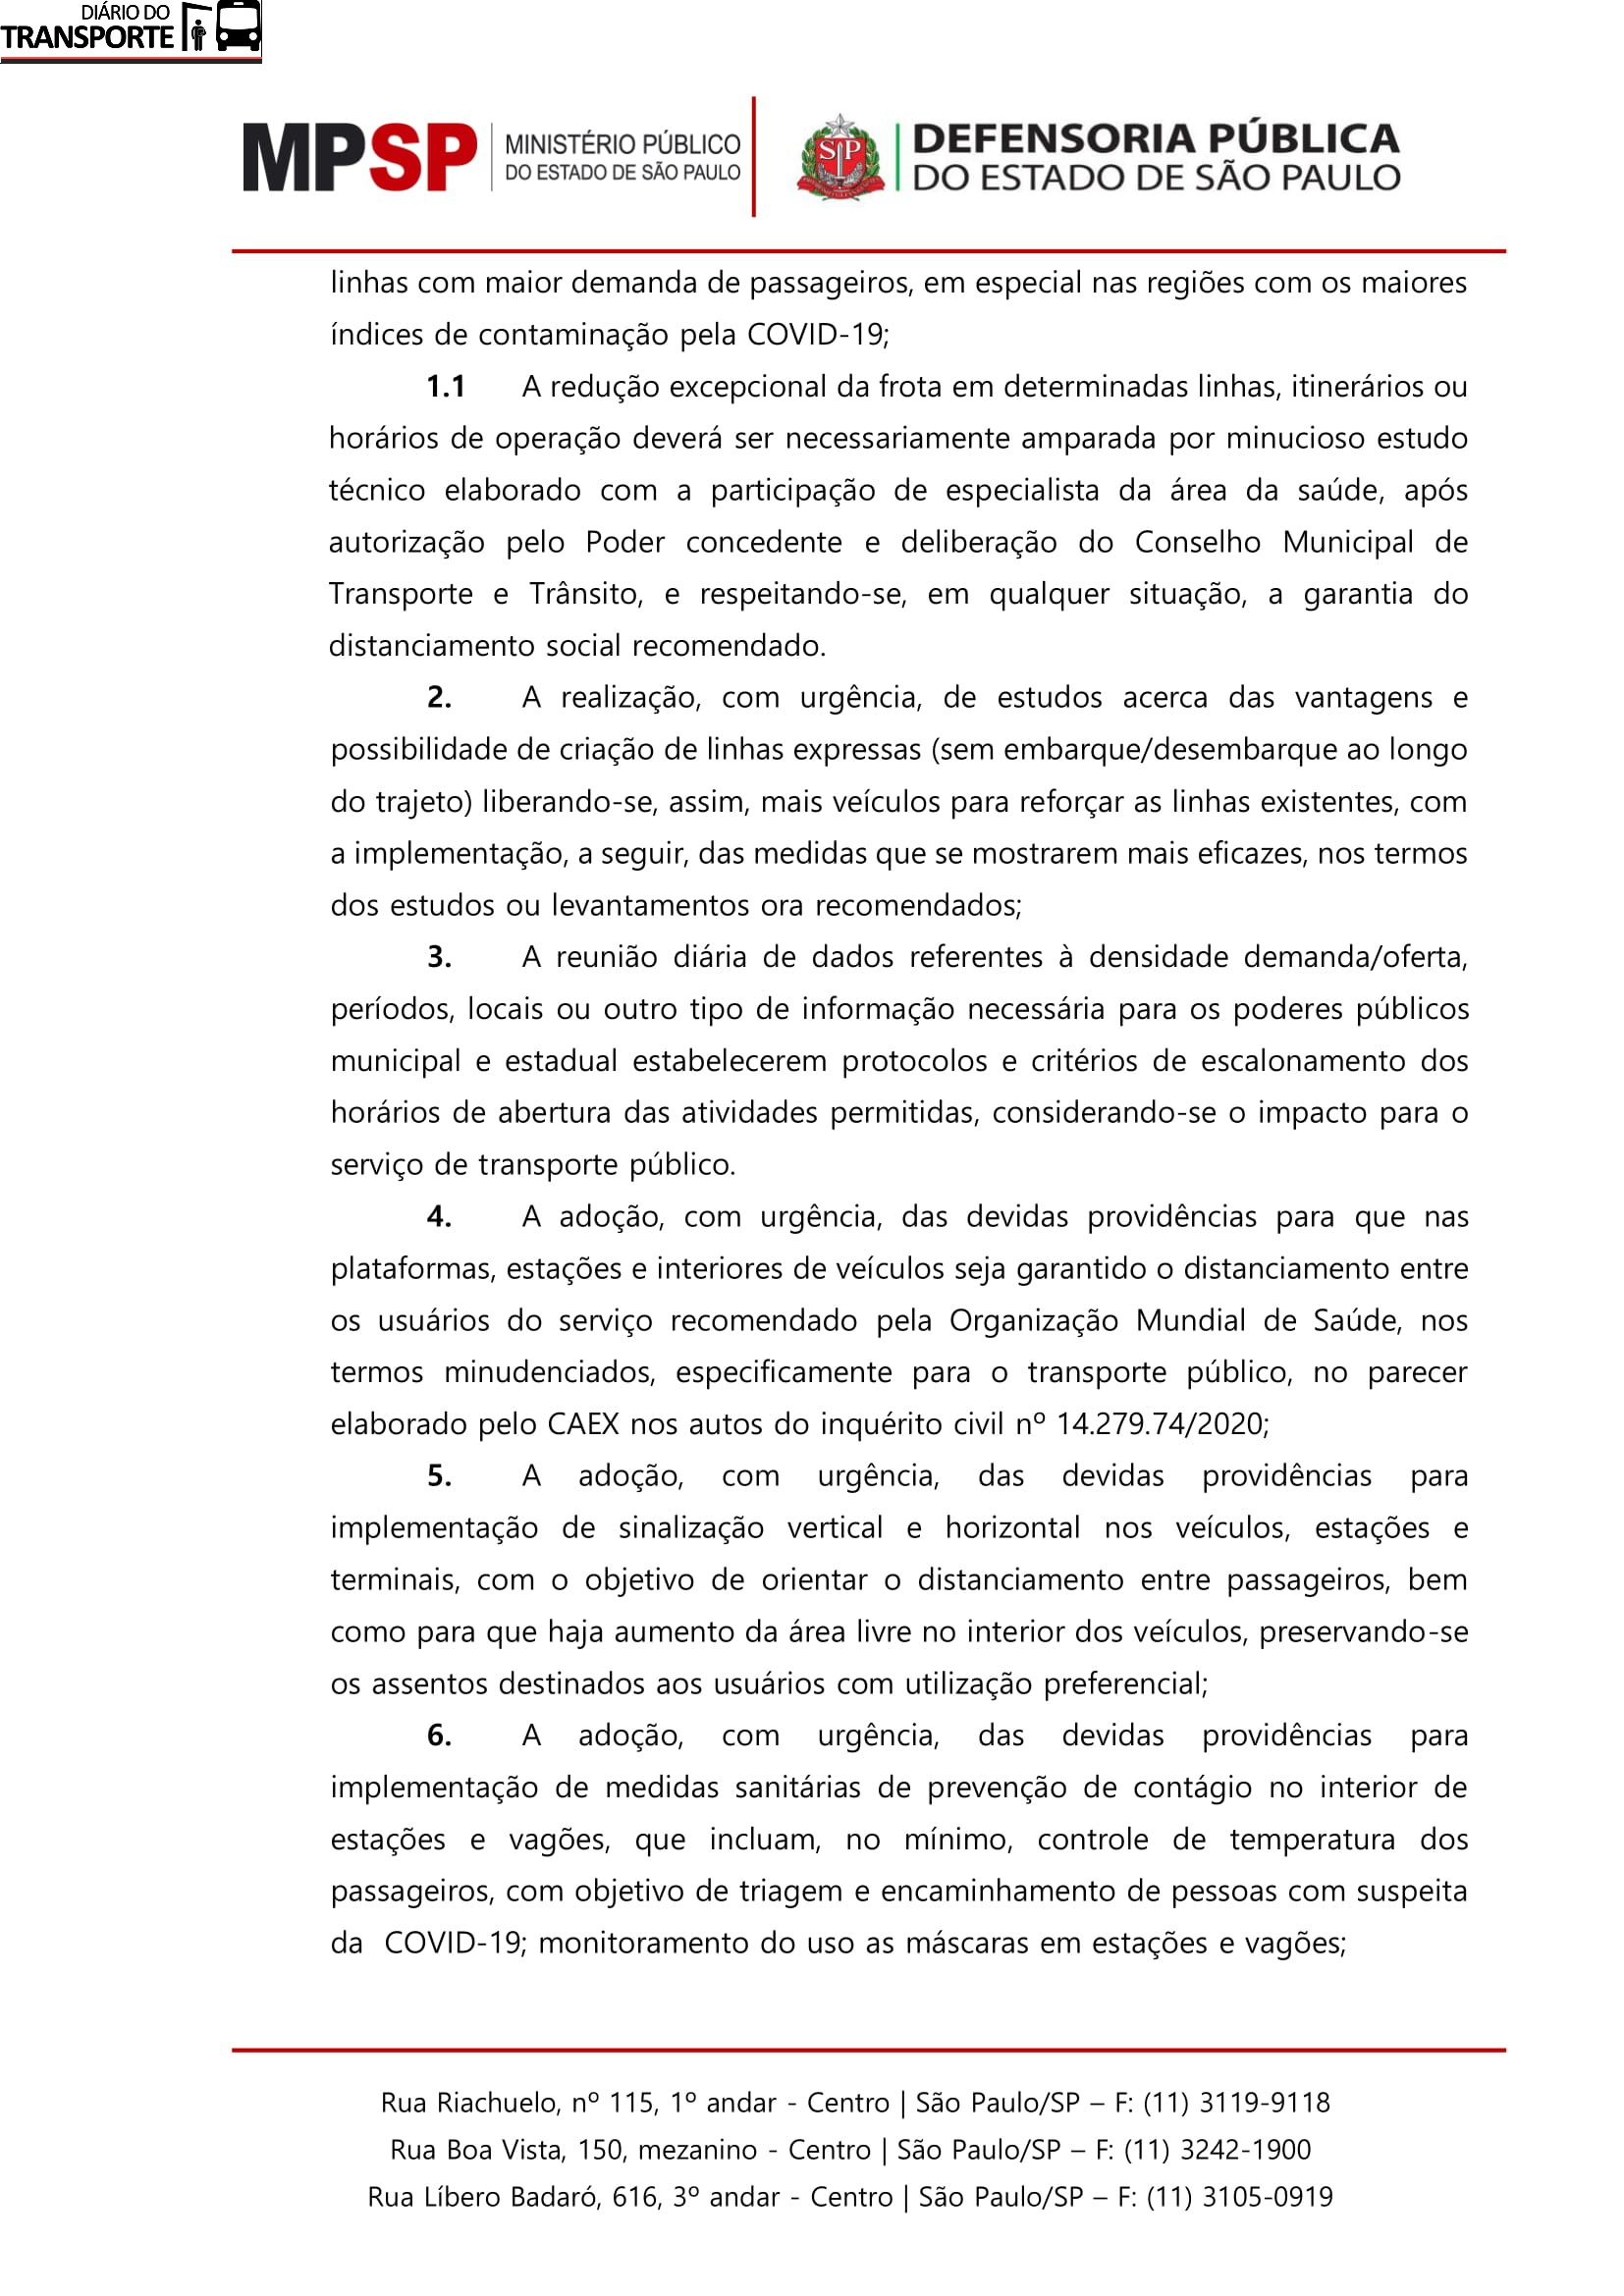 recomendação transporte_METRO-11